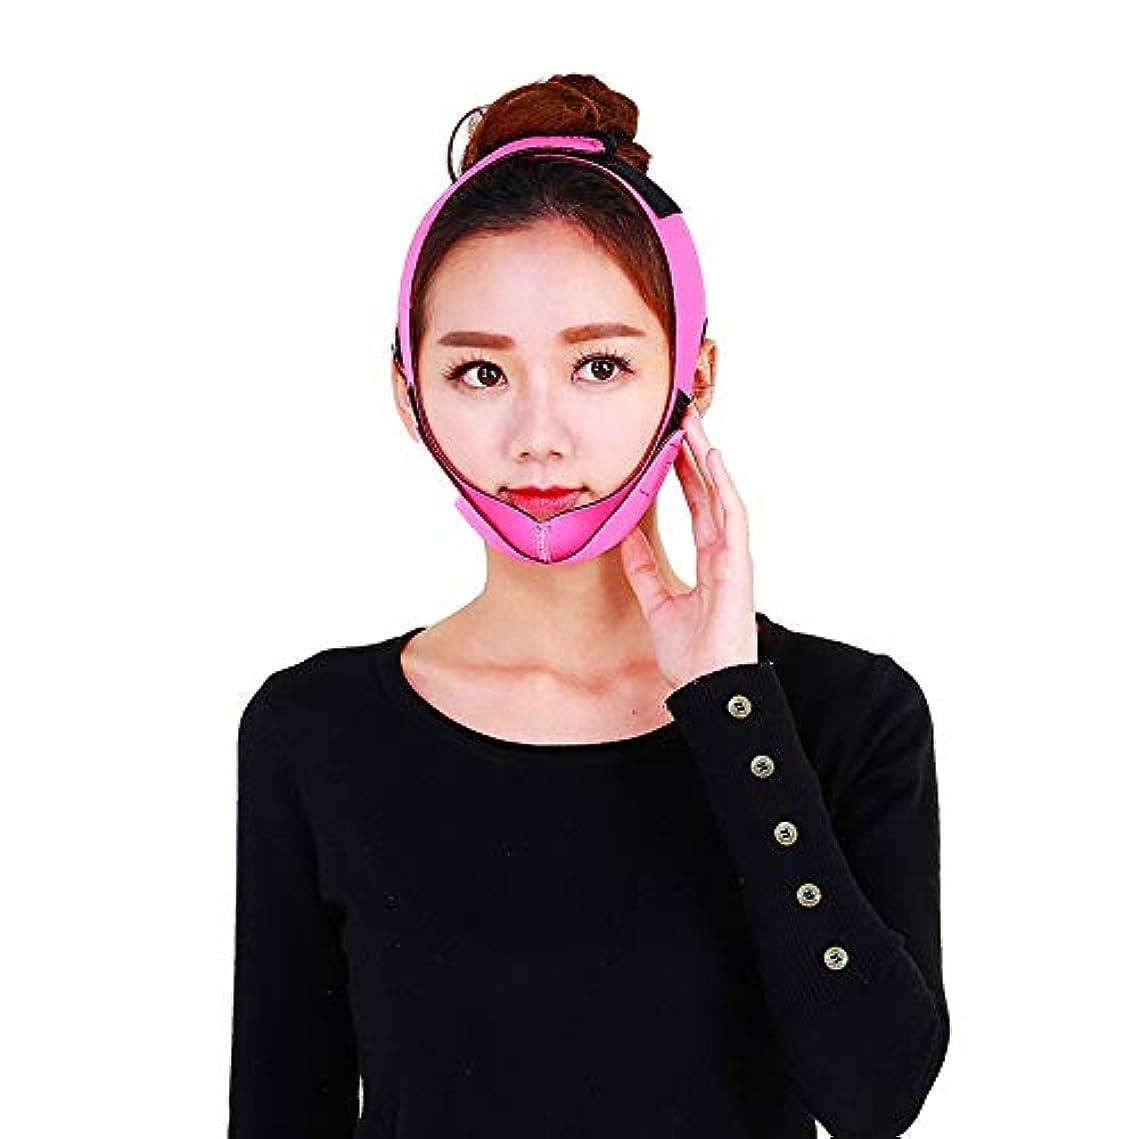 のぞき穴微生物症候群Minmin 顔の持ち上がる痩身ベルト - 薄い顔包帯二重あごのデバイス無料の顔のマッサージ整形マスクが顔と首を締めます みんみんVラインフェイスマスク